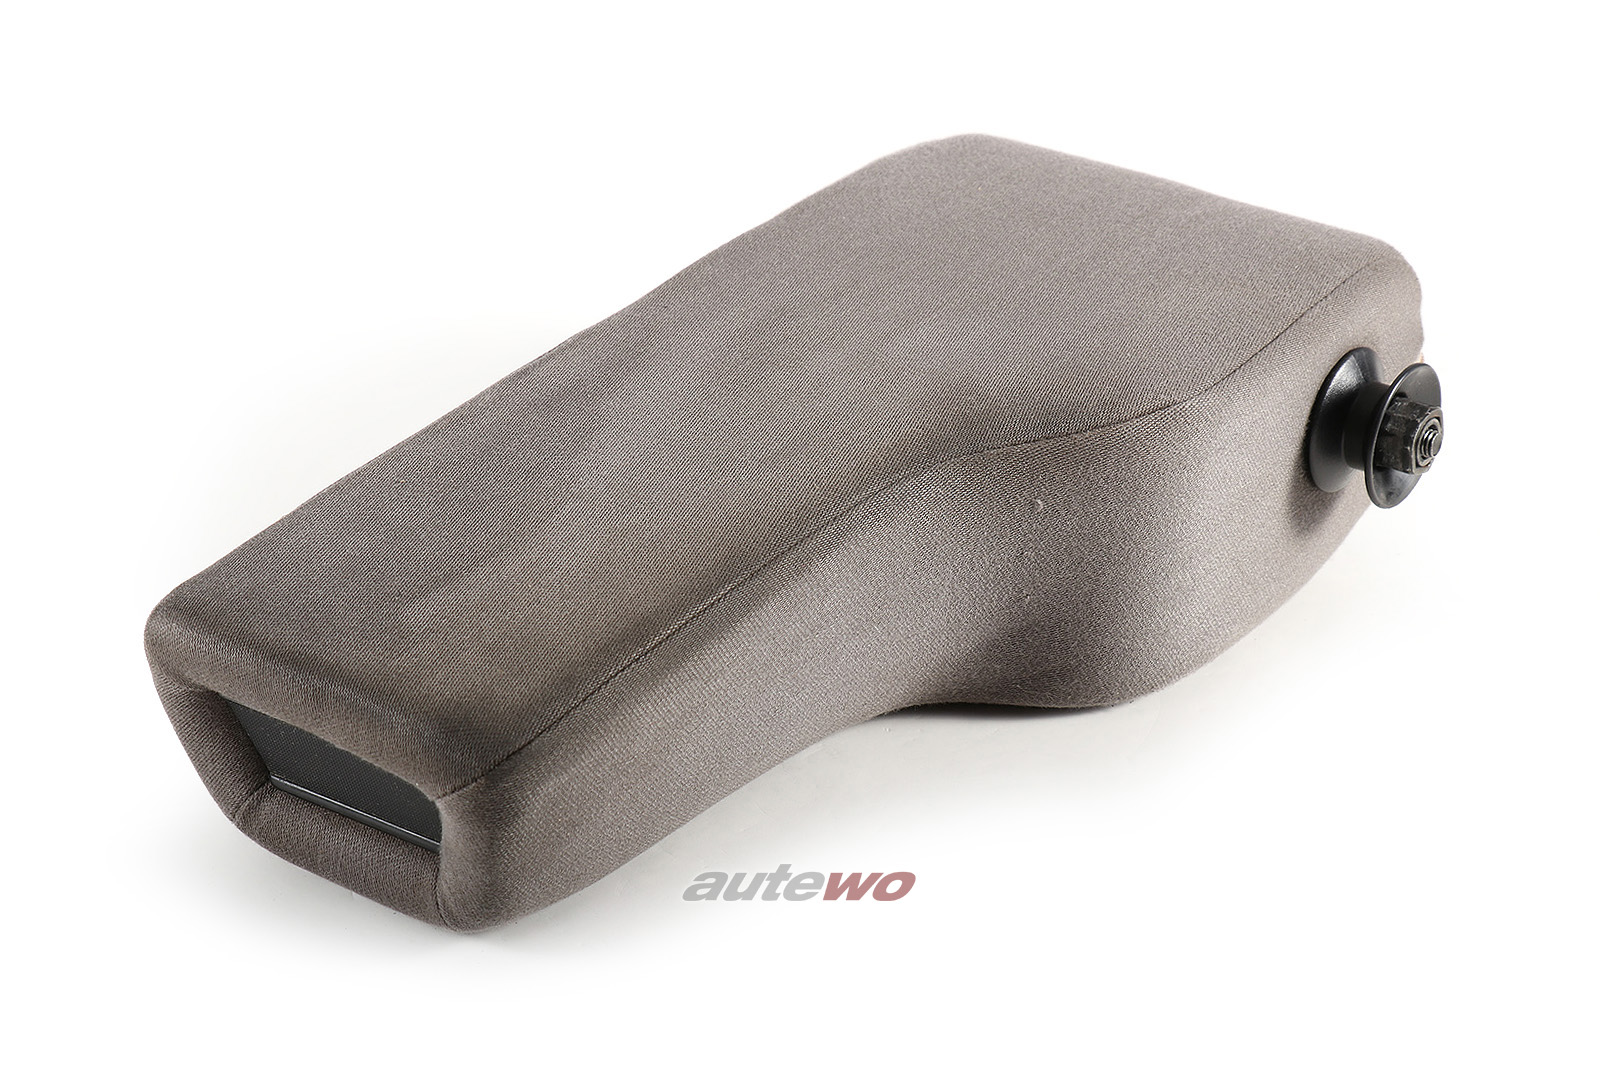 443881751K Audi 100/200 Typ 44/C4/V8 D11 Stoff-Mittelarmlehne Satin platin